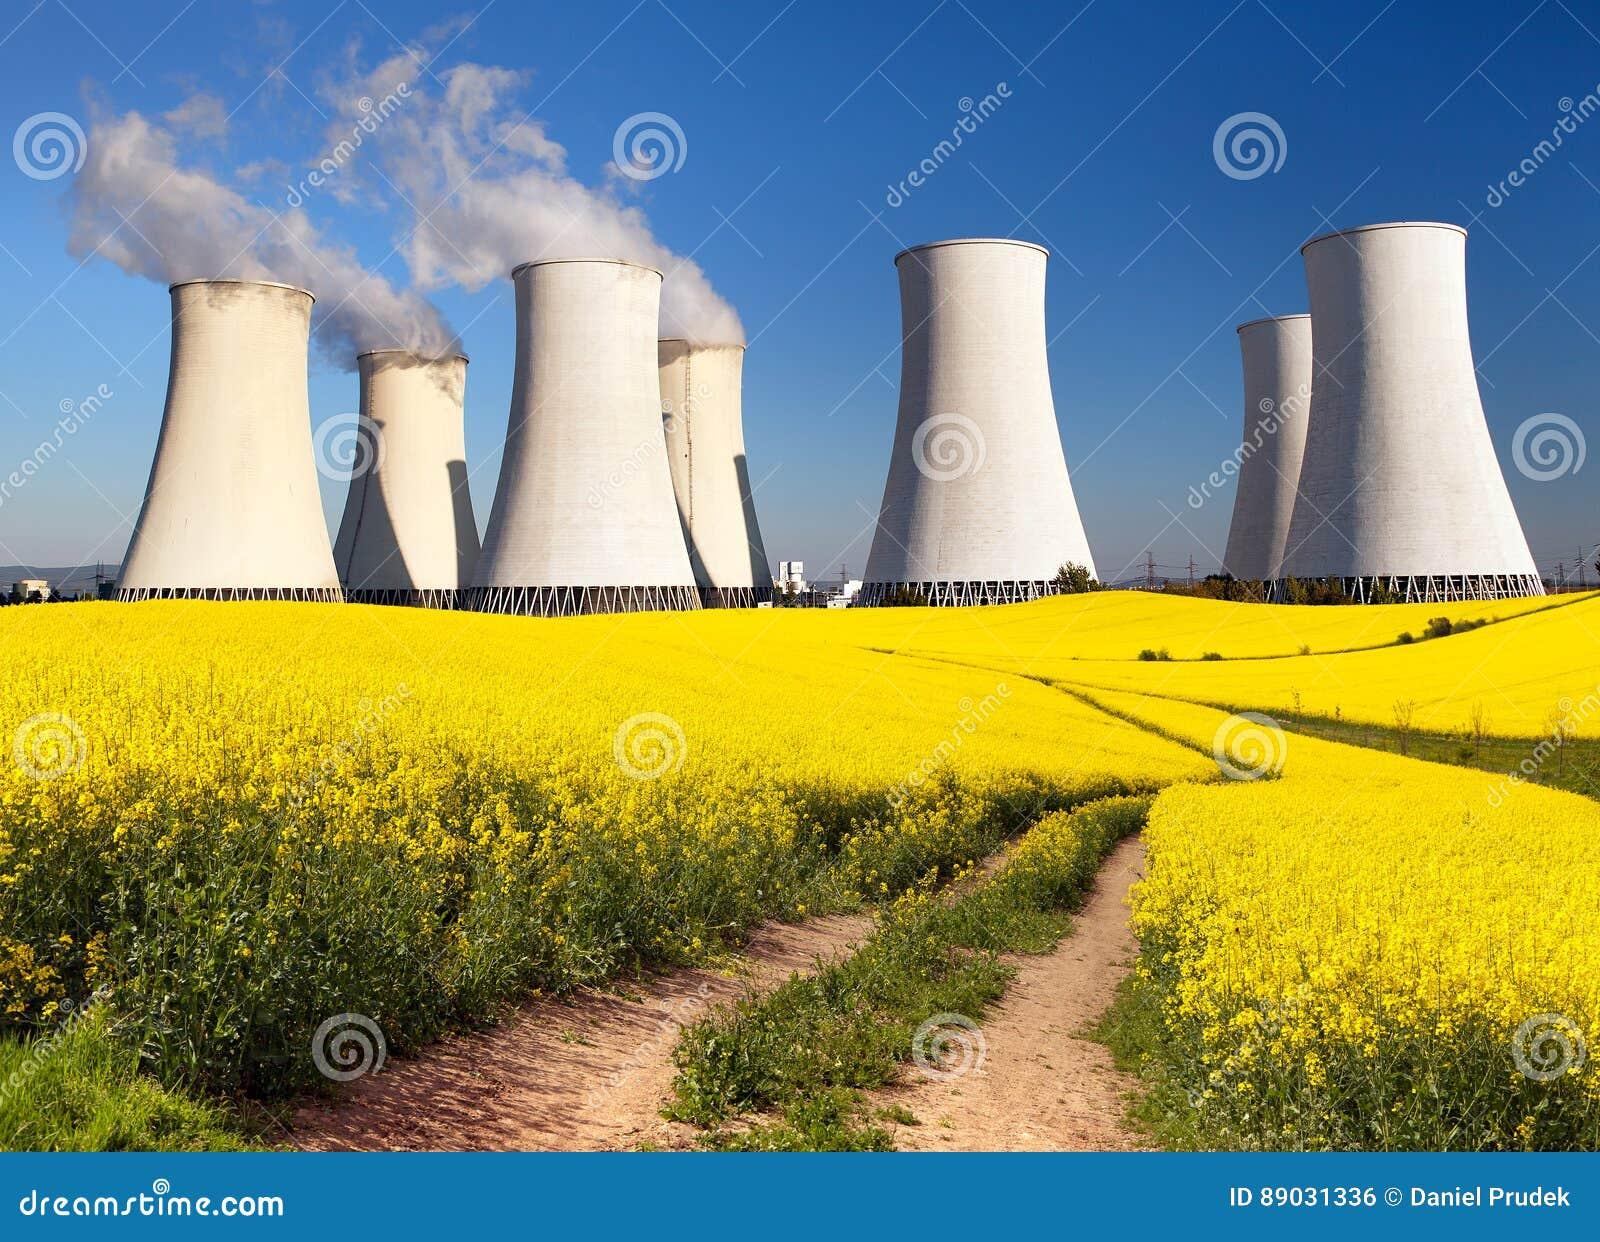 Атомная электростанция, стояк водяного охлаждения, поле рапса